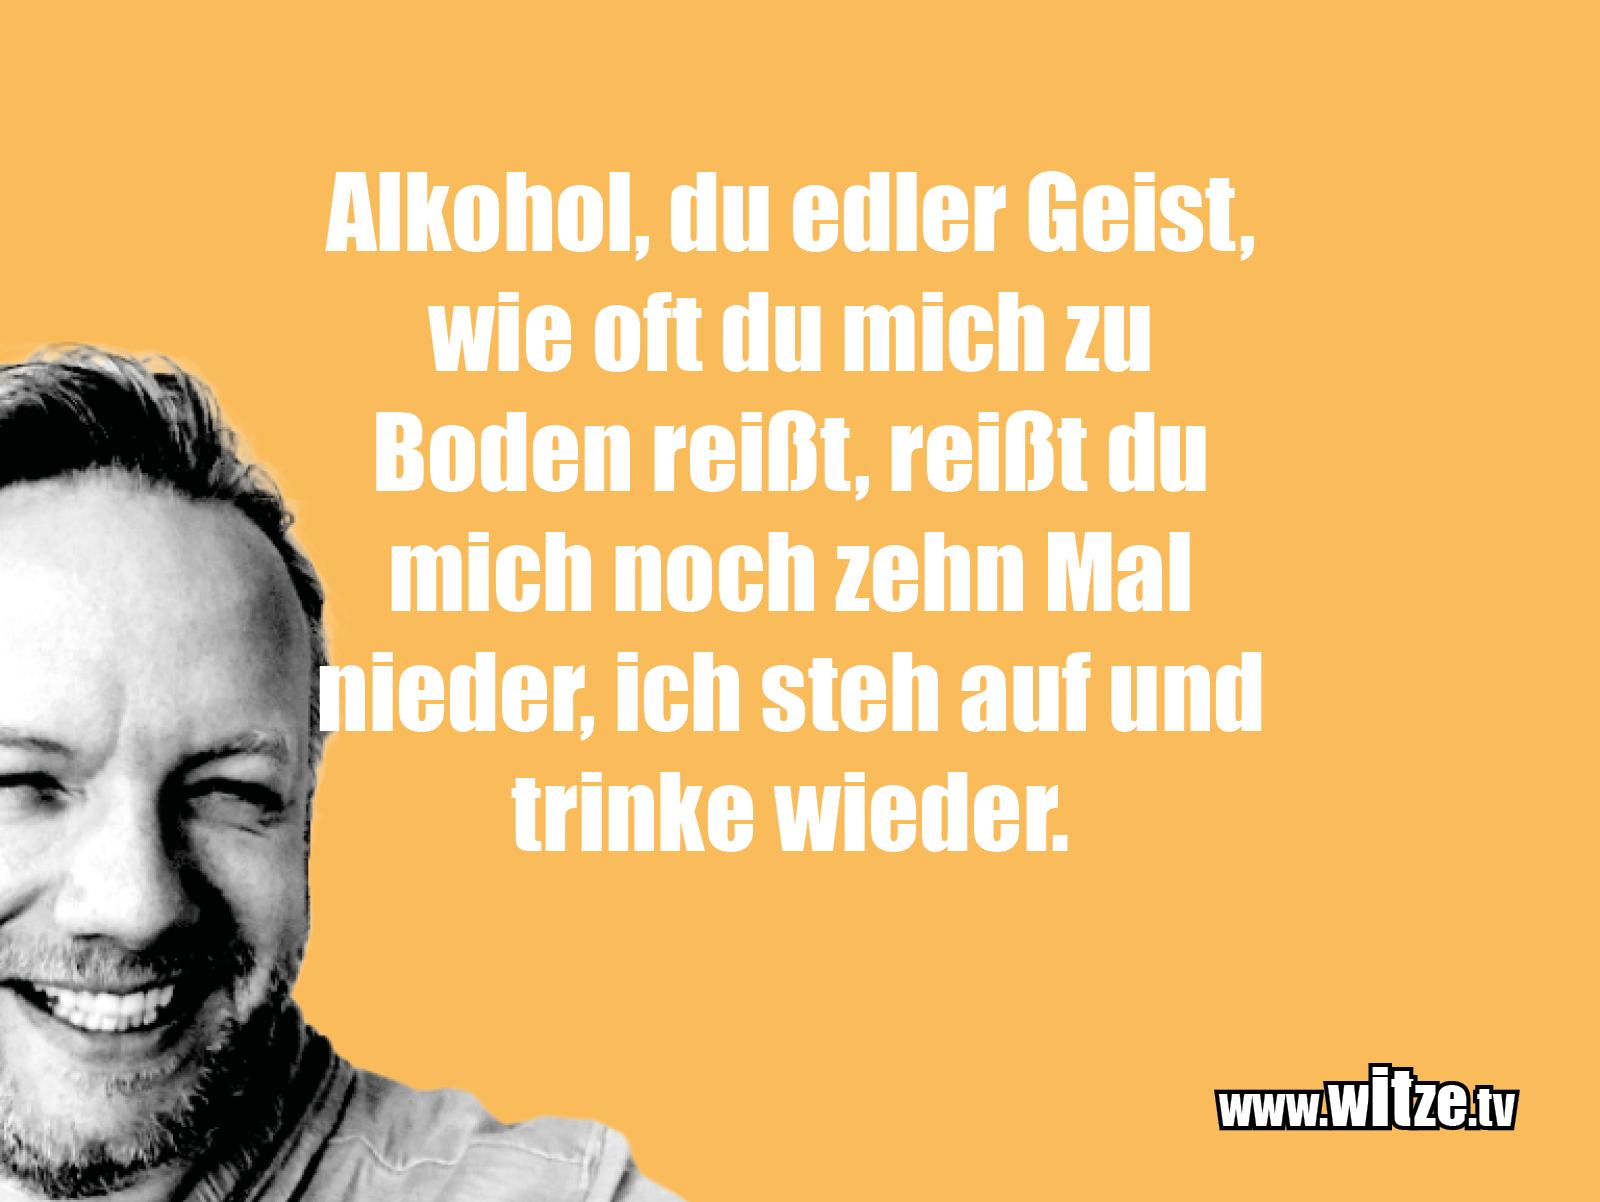 Hammer Gag... Alkohol, du edler Geist...